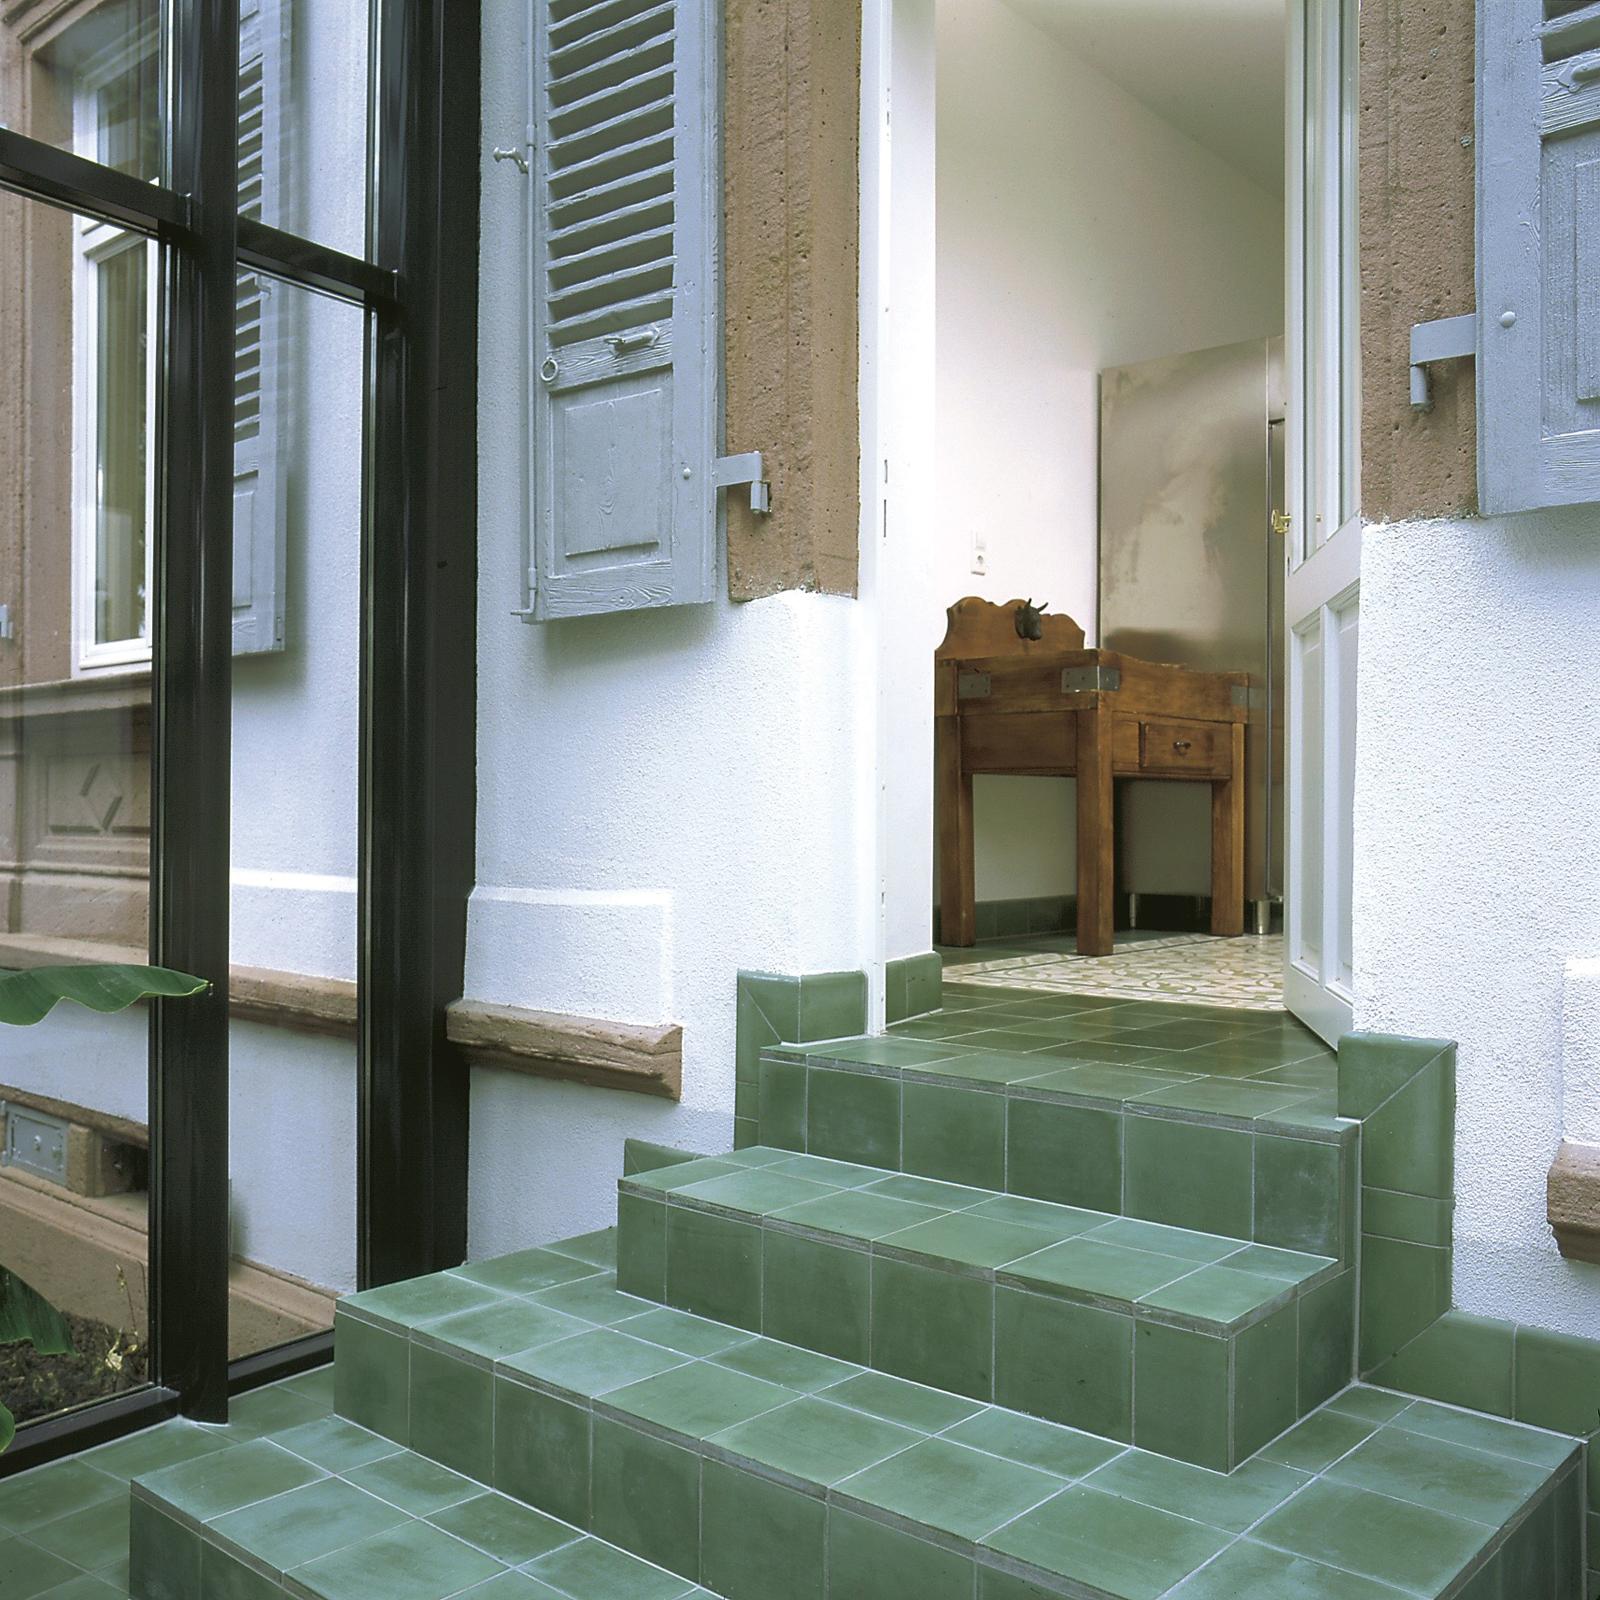 zementmosaikplatte-nummer-10821-treppe-via-gmbh | 10821